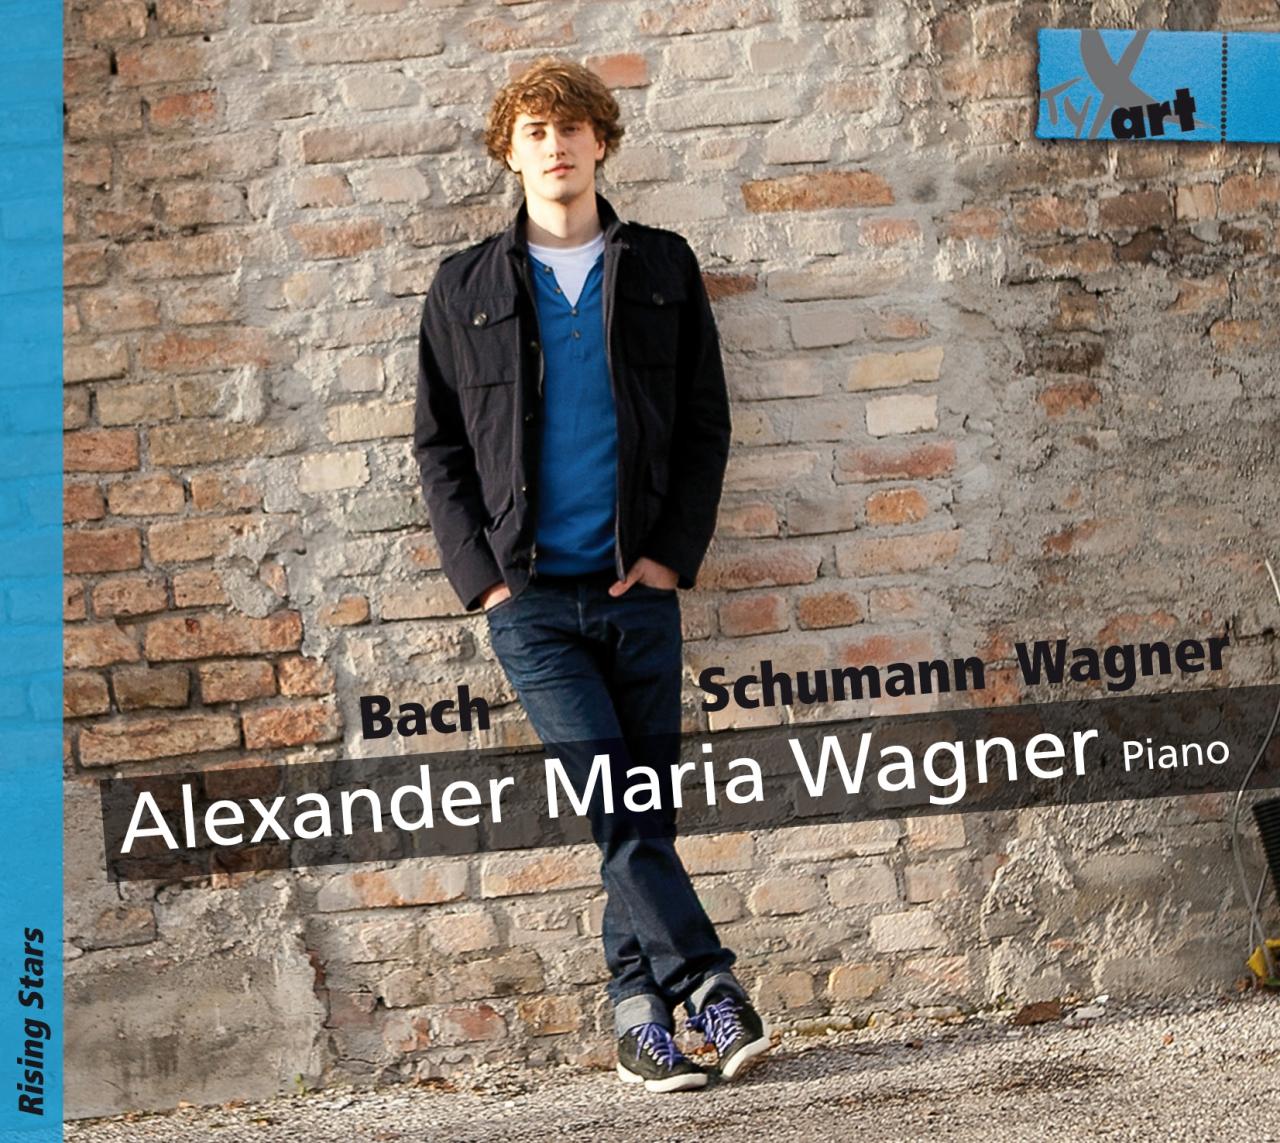 Alexander-Maria-Wagner-Bach-Schumann-Wagner-CD2